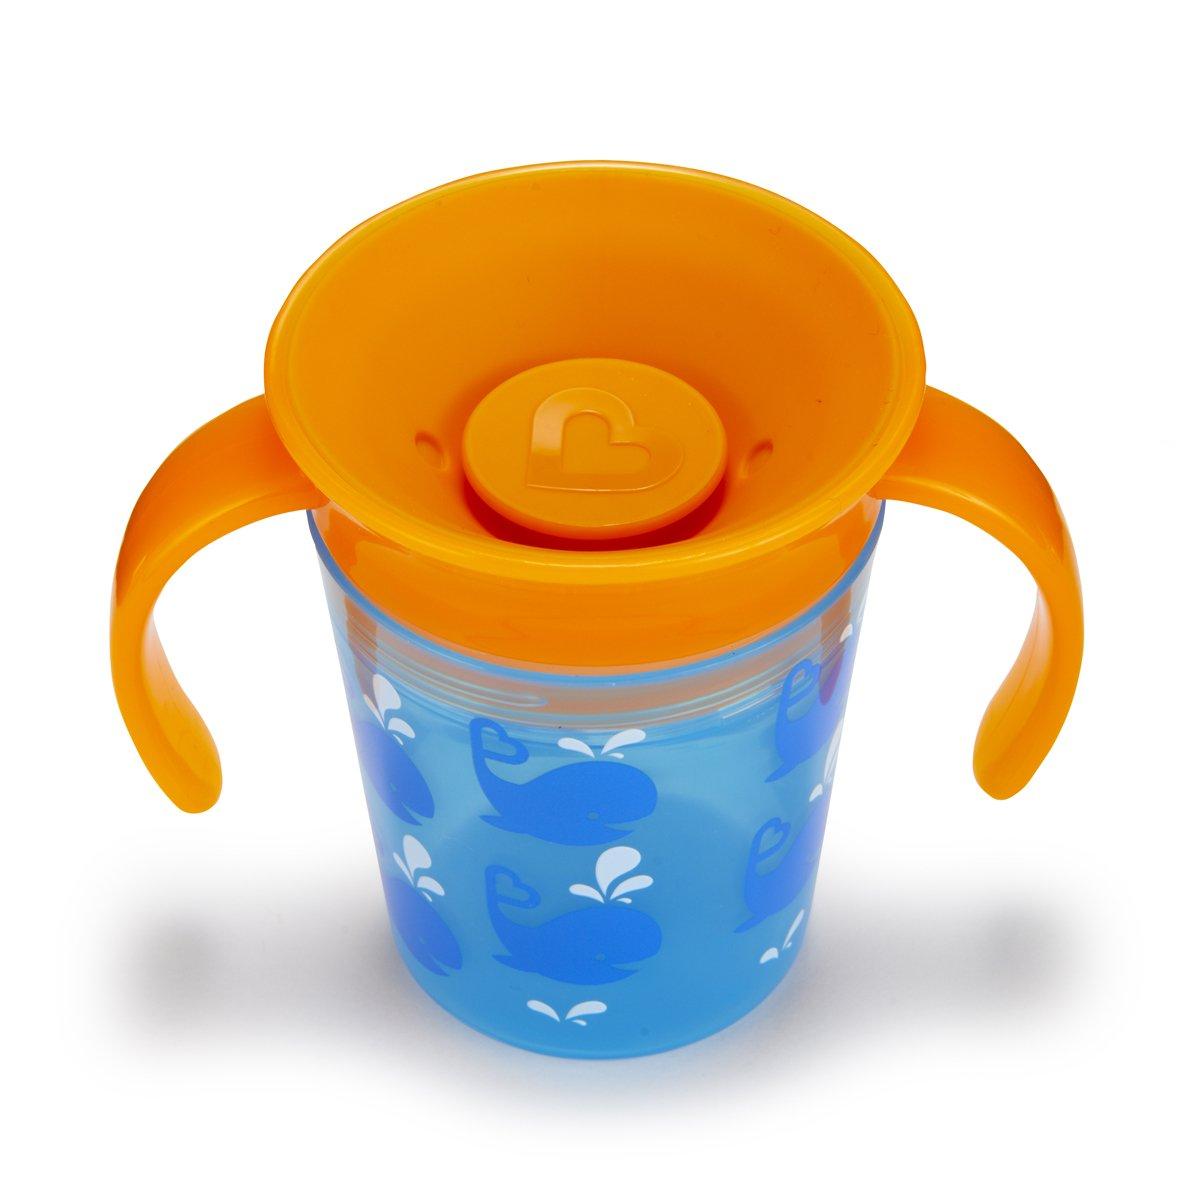 【セール 登場から人気沸騰】 Miracle 360 Cup 360 Deco Trainer Cup - 6oz(Pink Bird) by Munchkin Munchkin B01DJDND1C, ミズママチ:637db41c --- a0267596.xsph.ru